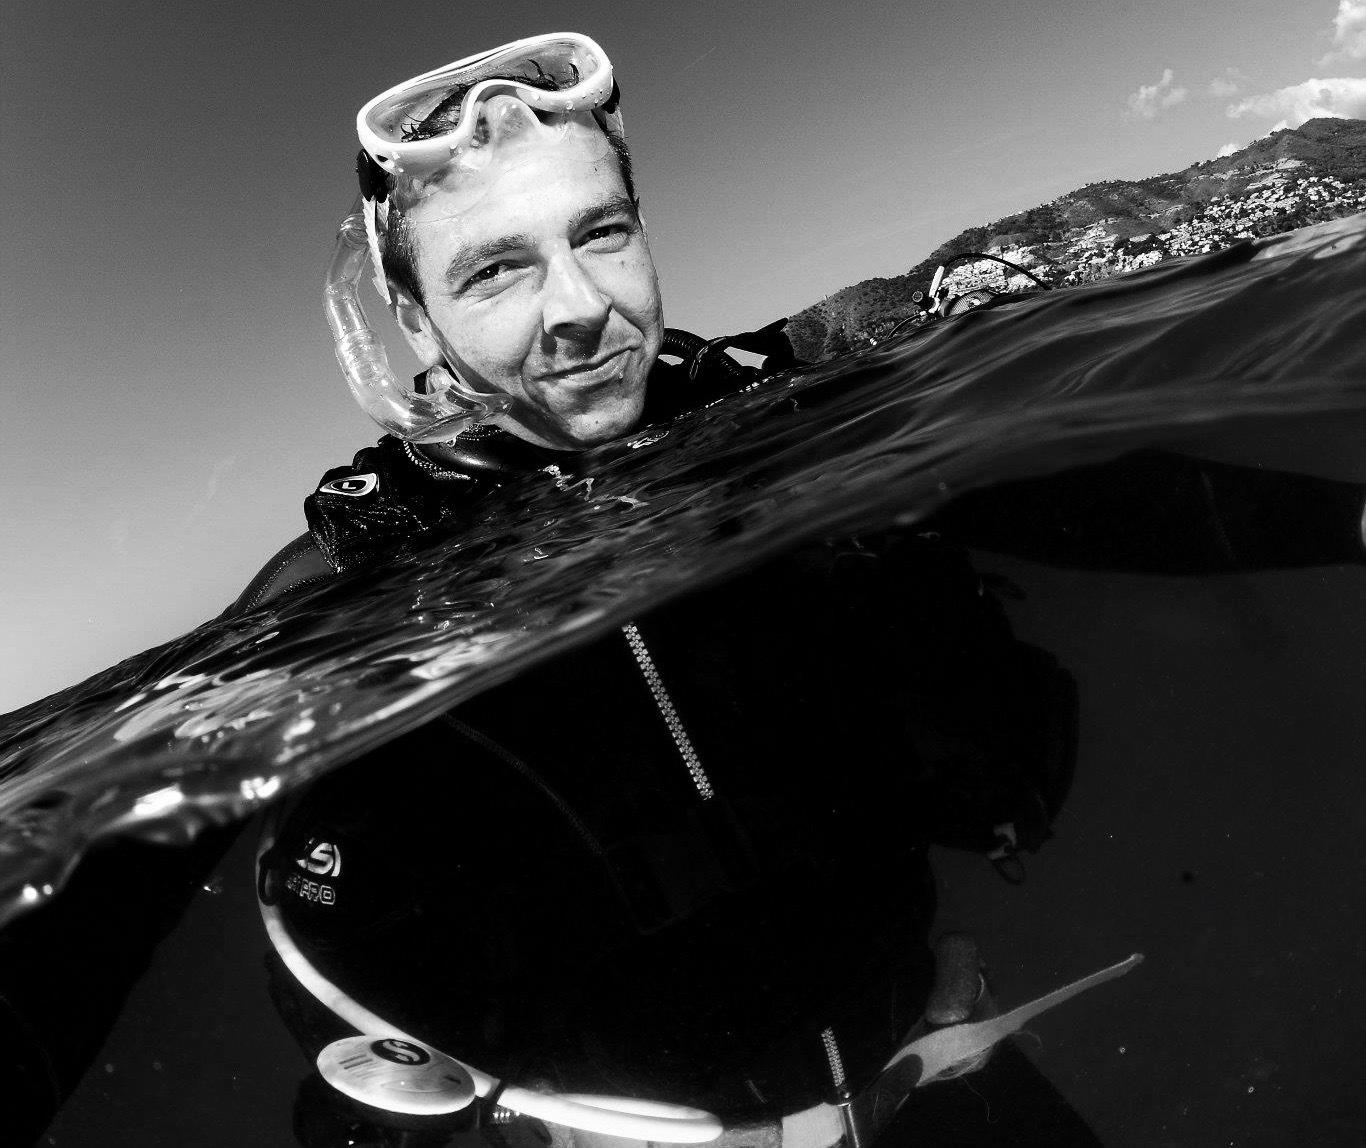 Miguel Joven practica submarinismo en las aguas de Nerja, frente a la playa de Burriana.